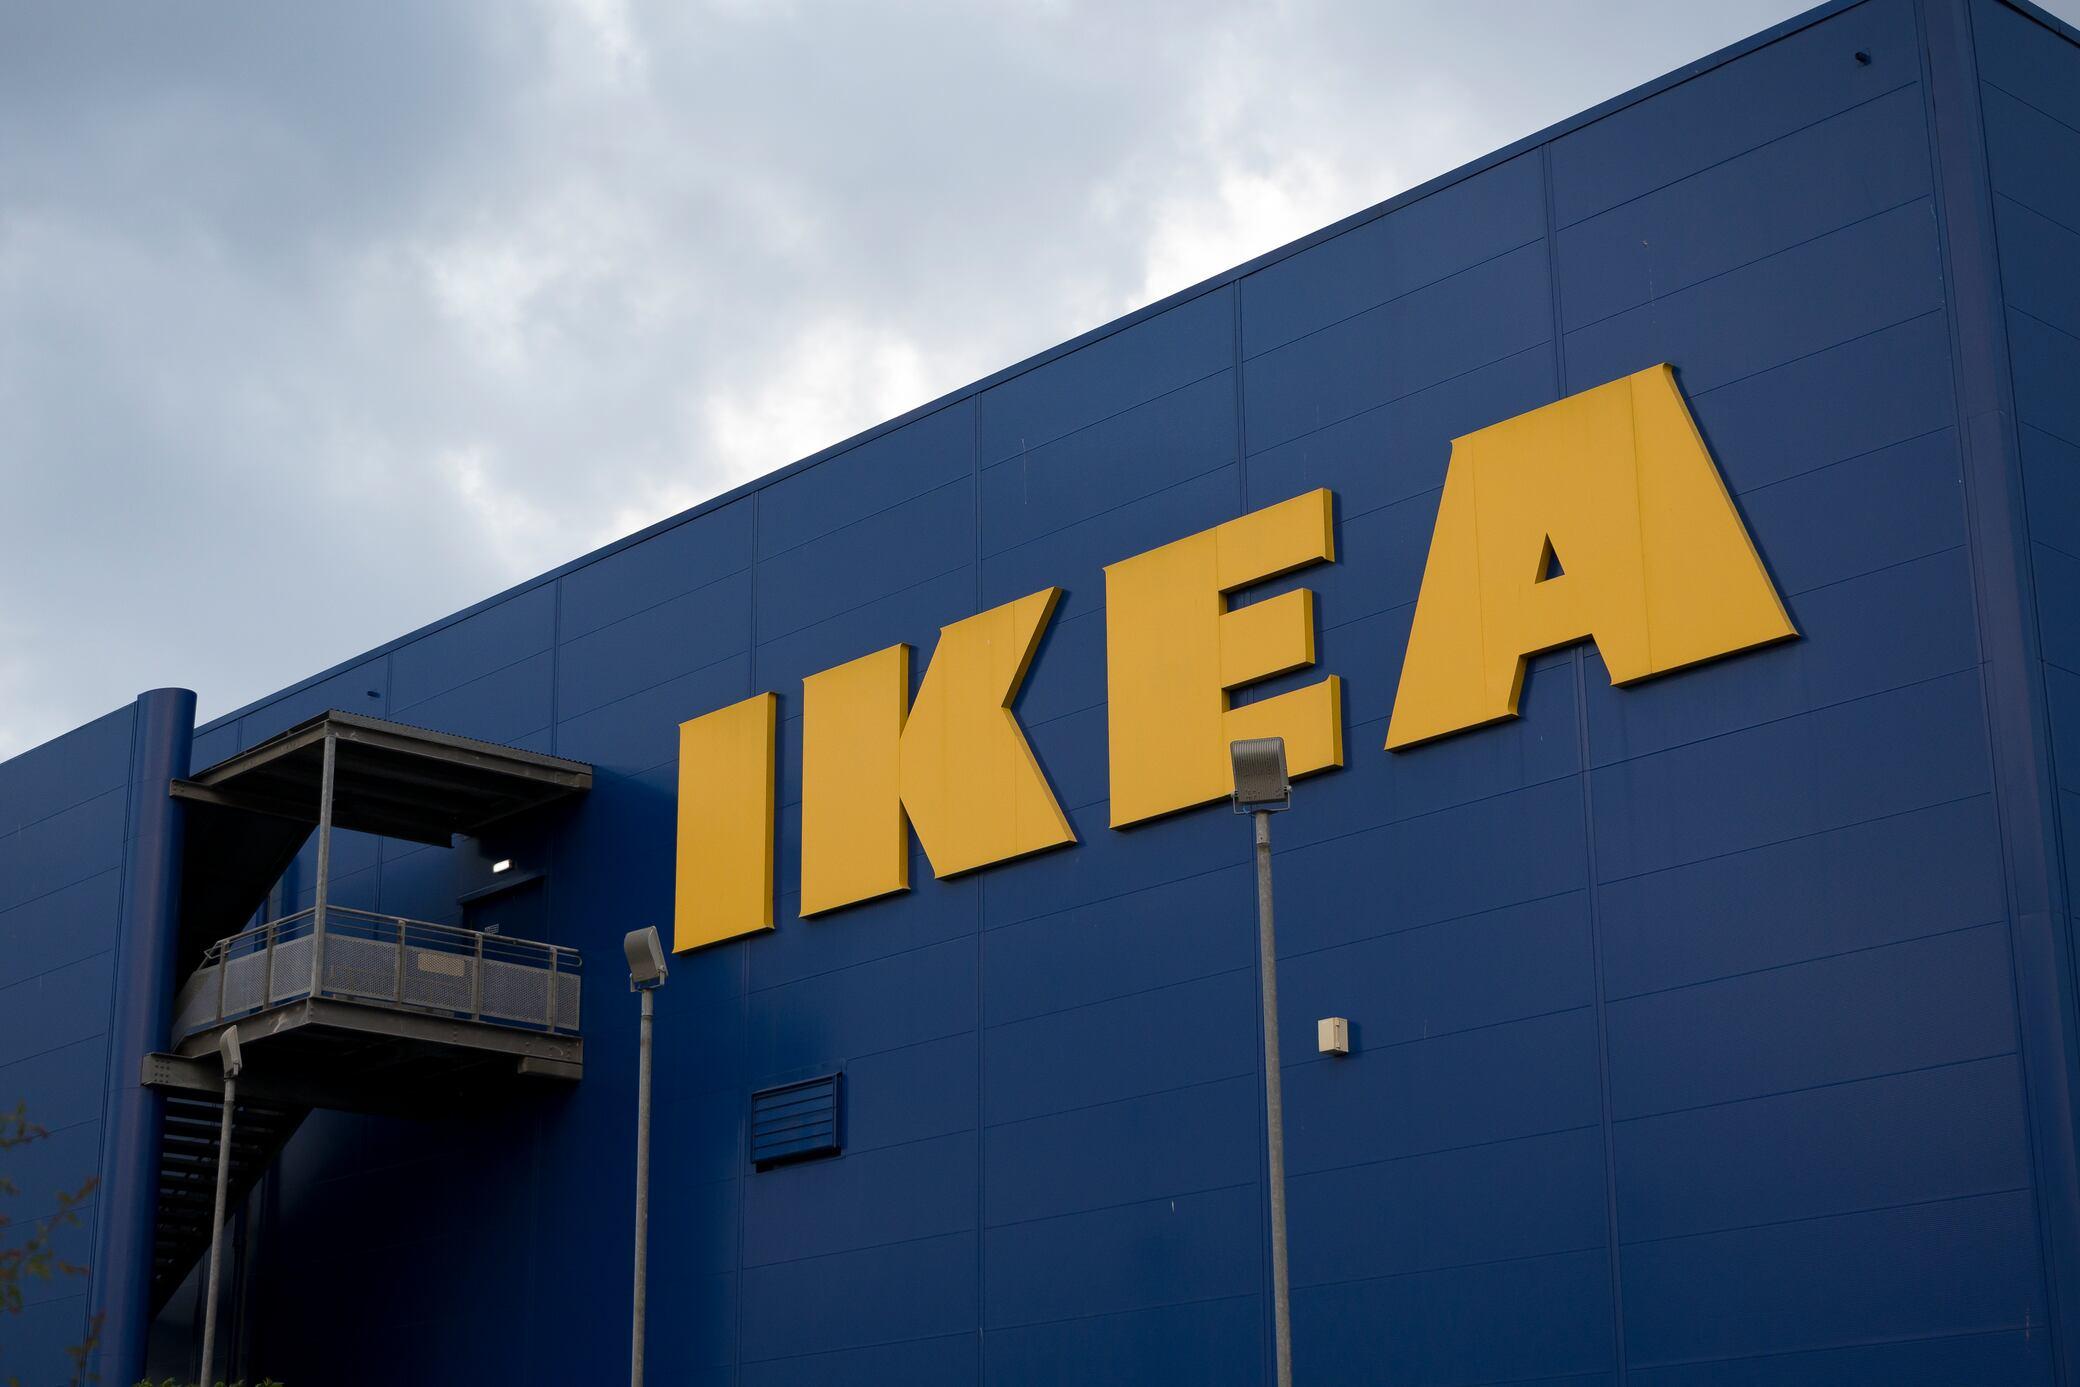 DAS ist das größte bisher bestellte Ikea-Sofa